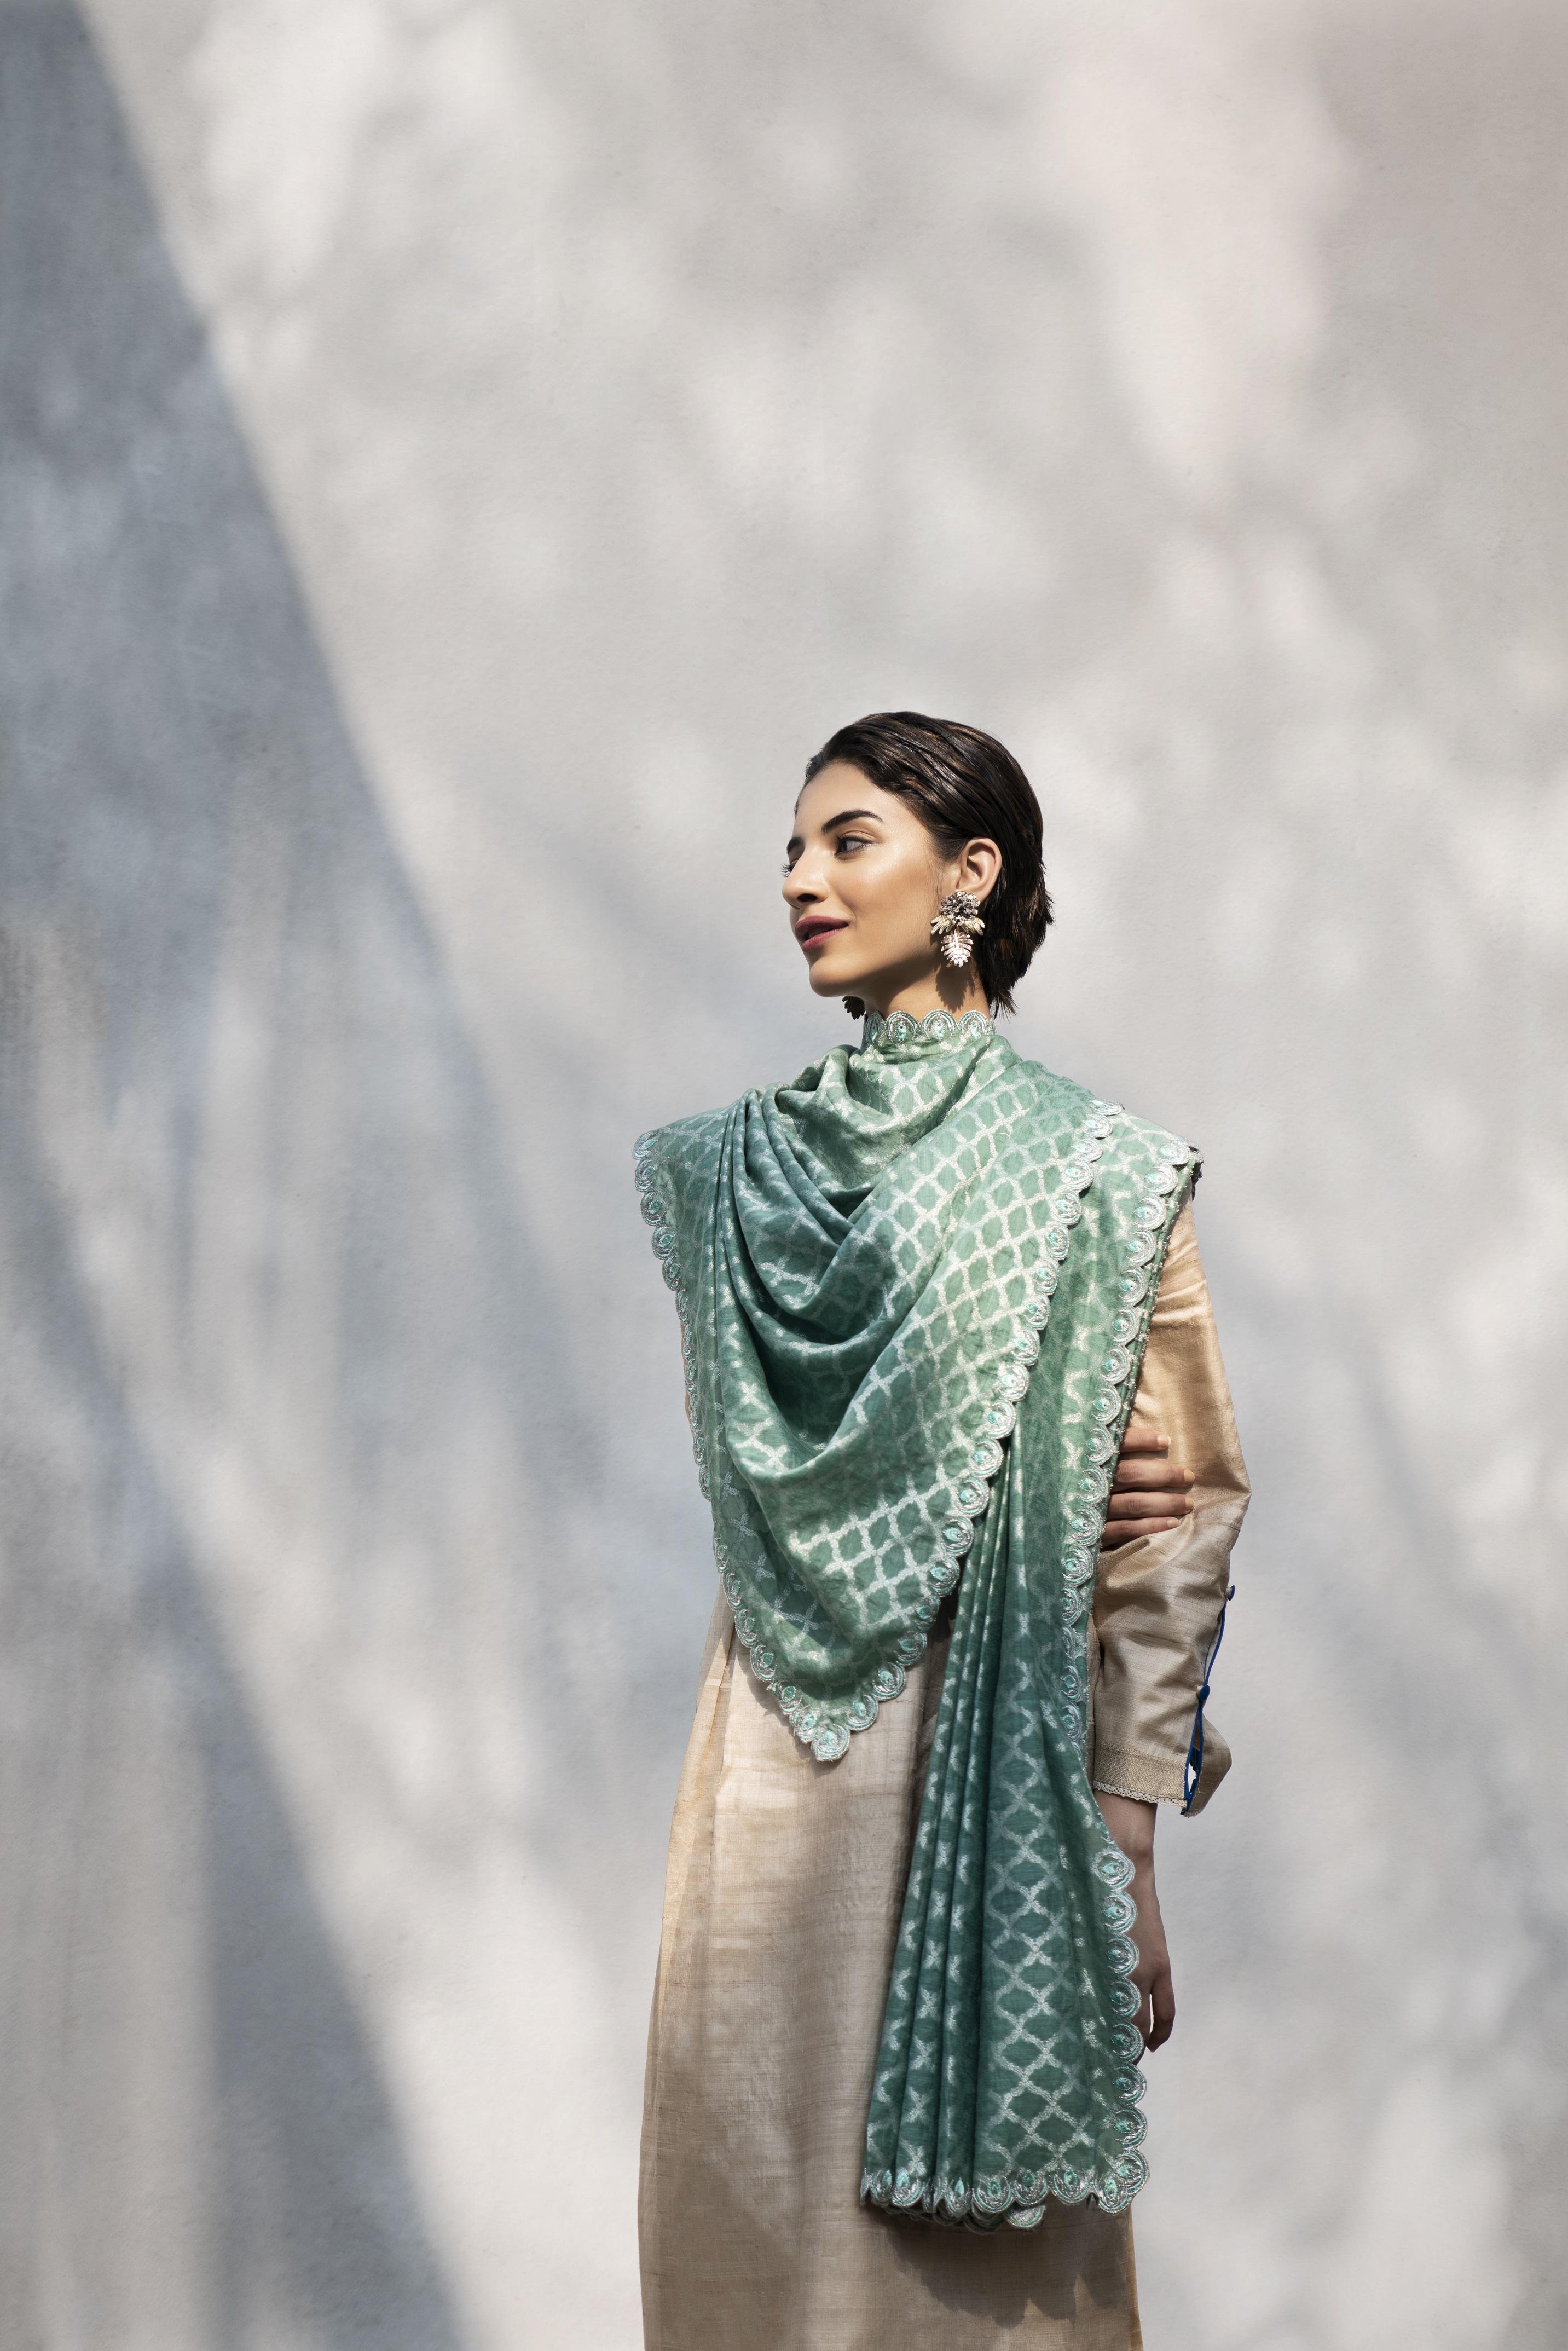 फोटोजन्य: तनीरा पहनने के लिए तैयार संग्रह